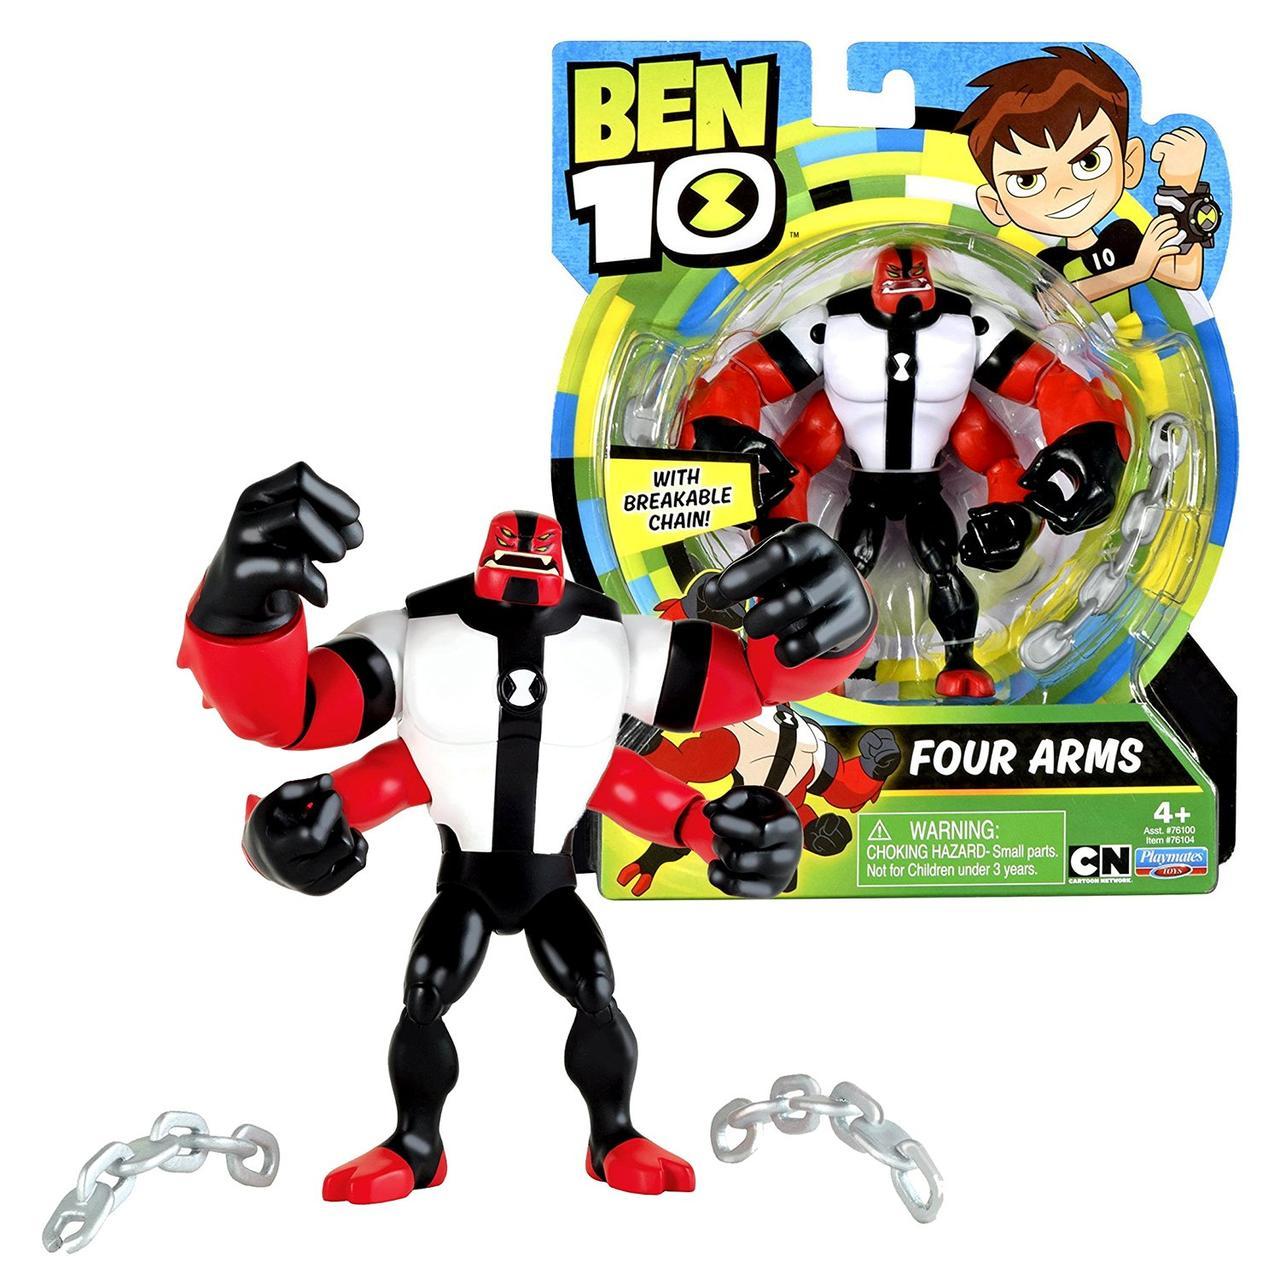 Бен 10 Фигурка силач, перезагрузка, Ben 10, Basic Four Arms, оригинал из США, фото 1